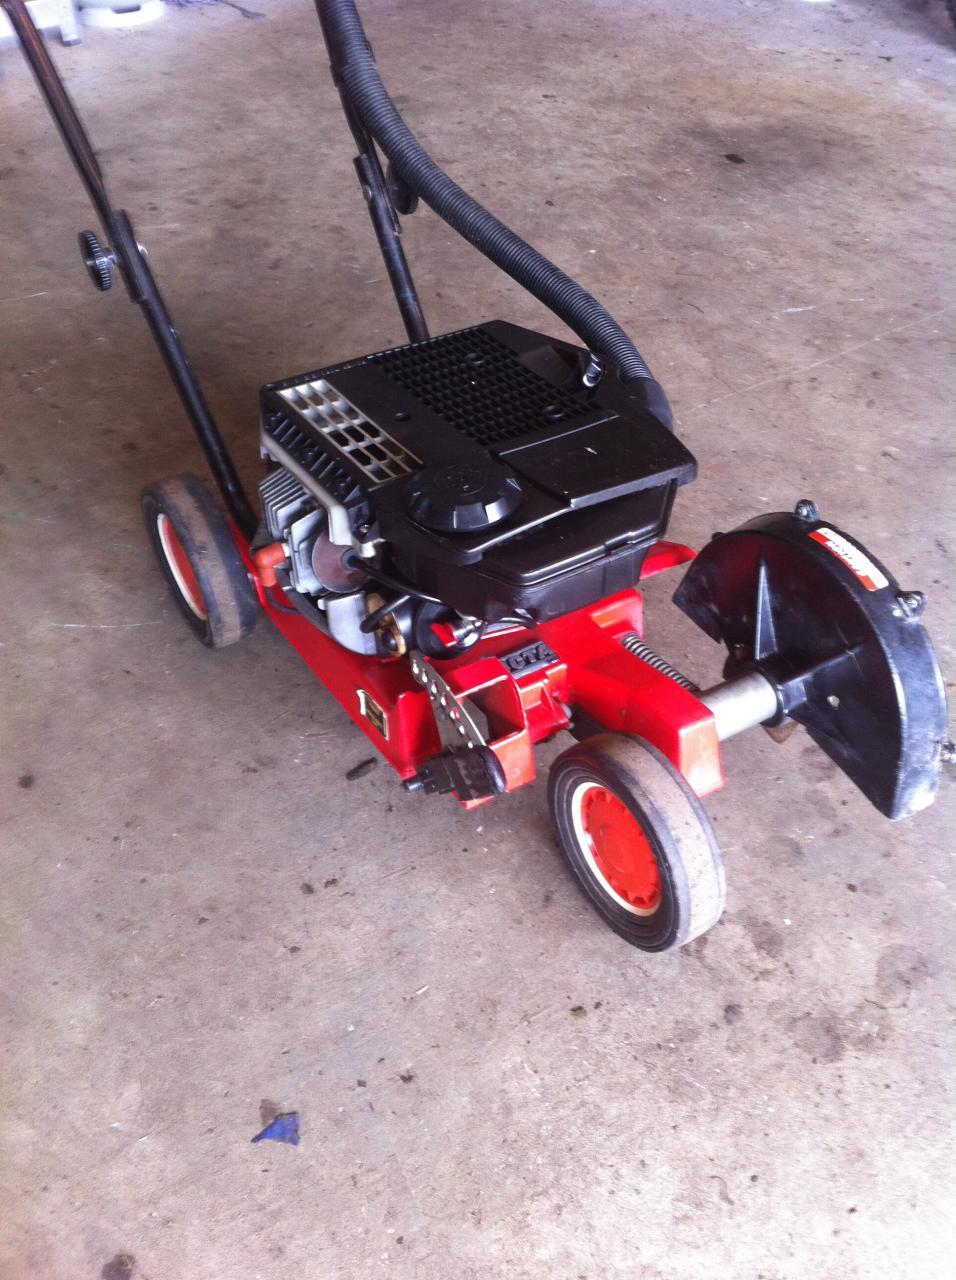 victa power torque tilt a cut blade removal outdoorking repair forum rh outdoorking com